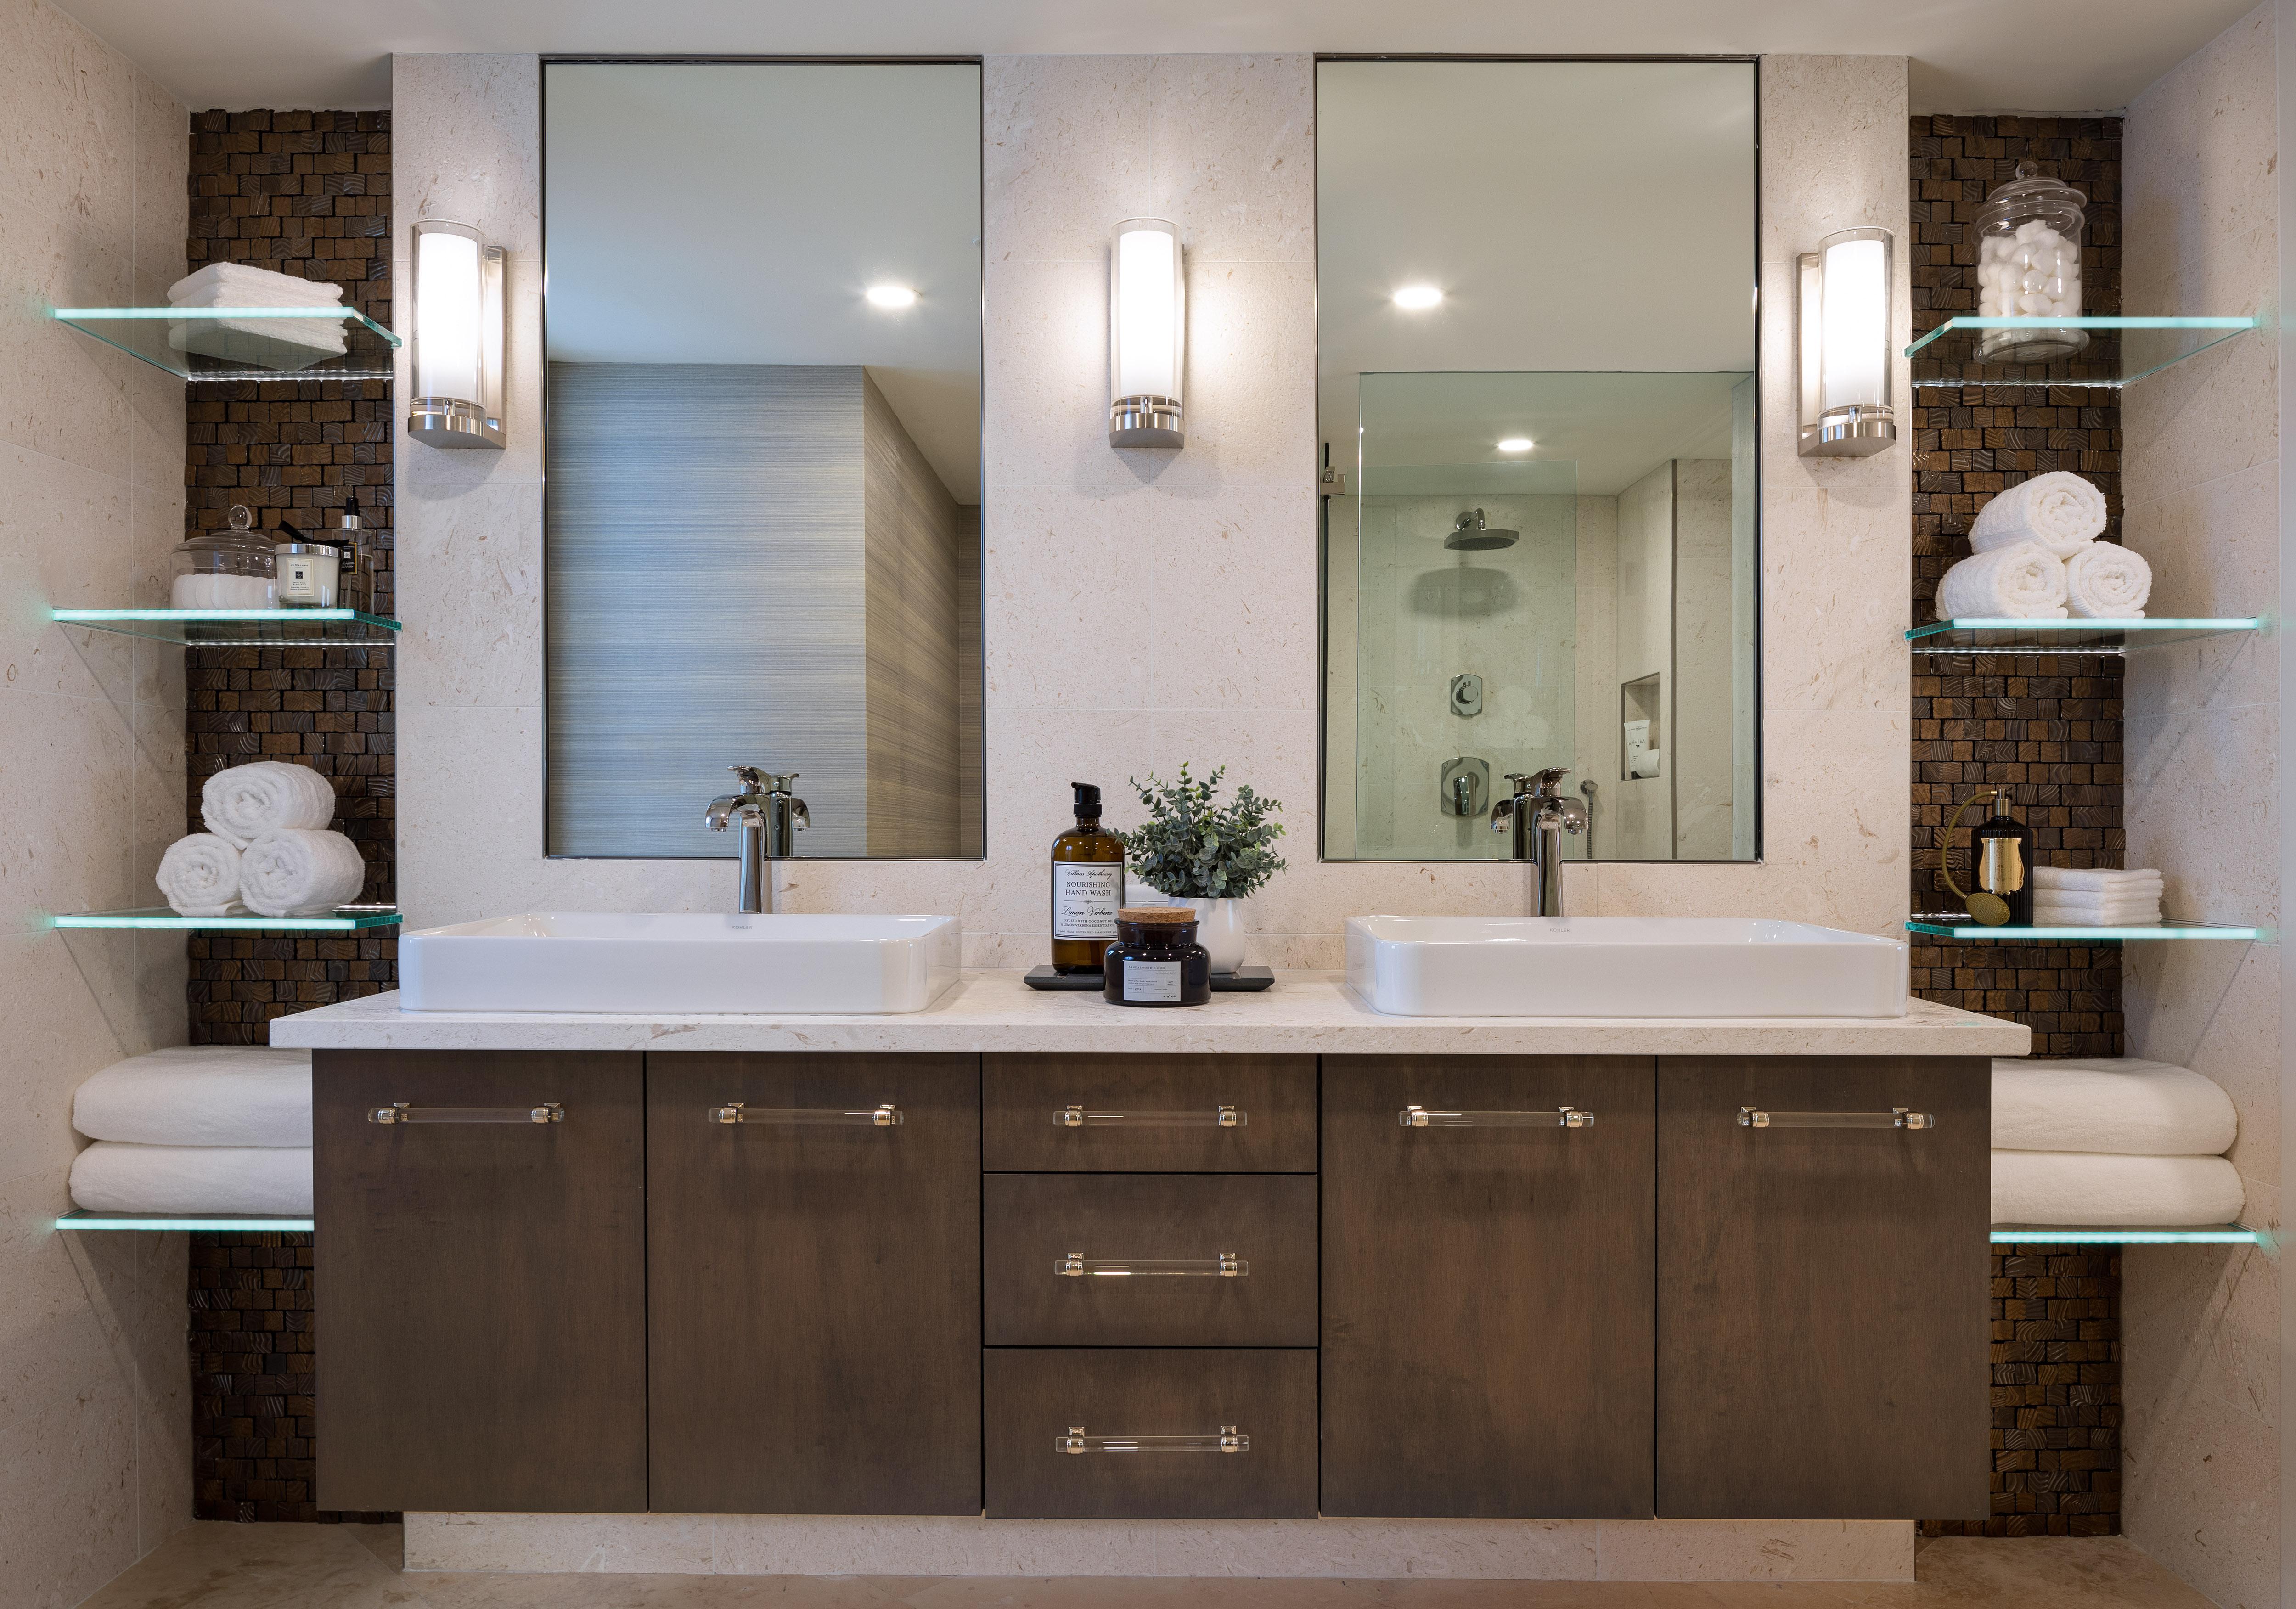 St. Pierre Condo Remodel Guest Bathroom